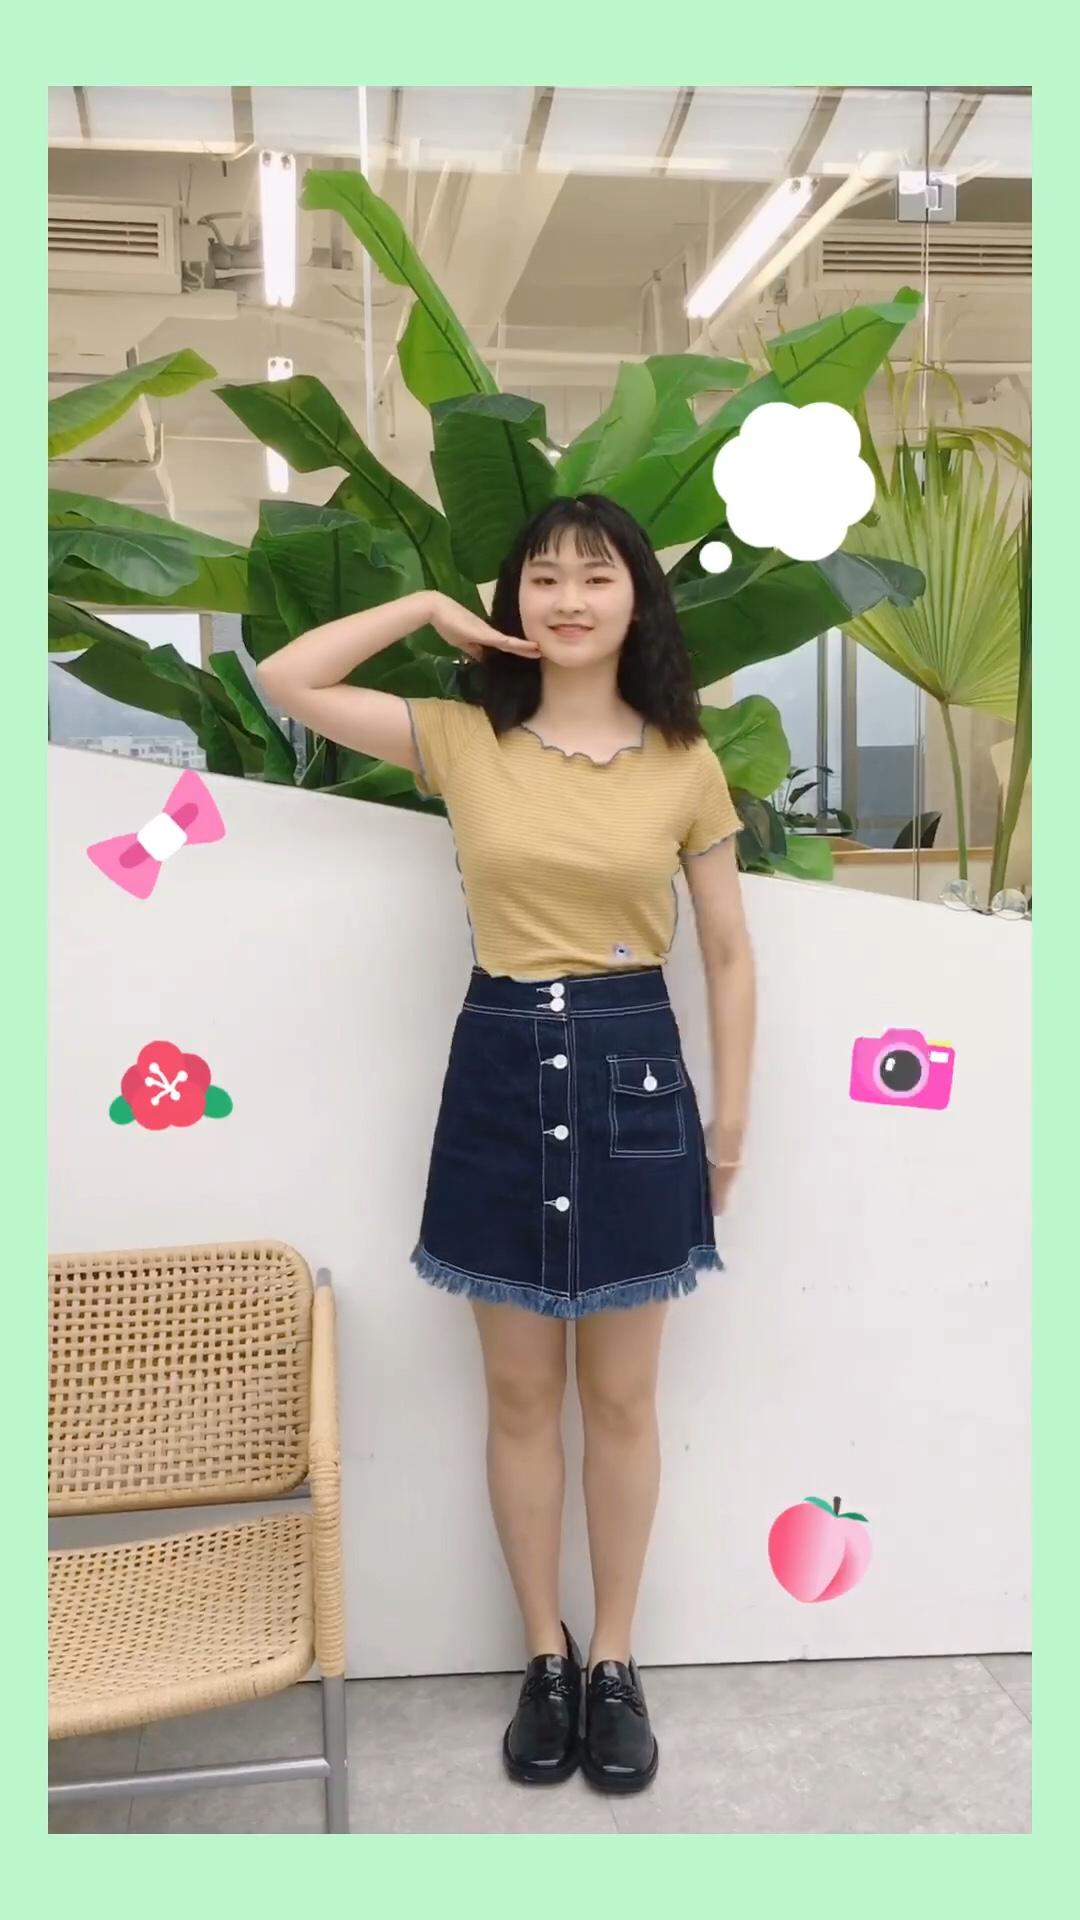 #蘑菇街新品测评# 🌈身材全靠穿呐!! 紧身T恤勾勒完美上身~加上A字短裙! 超级显瘦美丽 小皮鞋👞真的很百搭~穿什么都ok